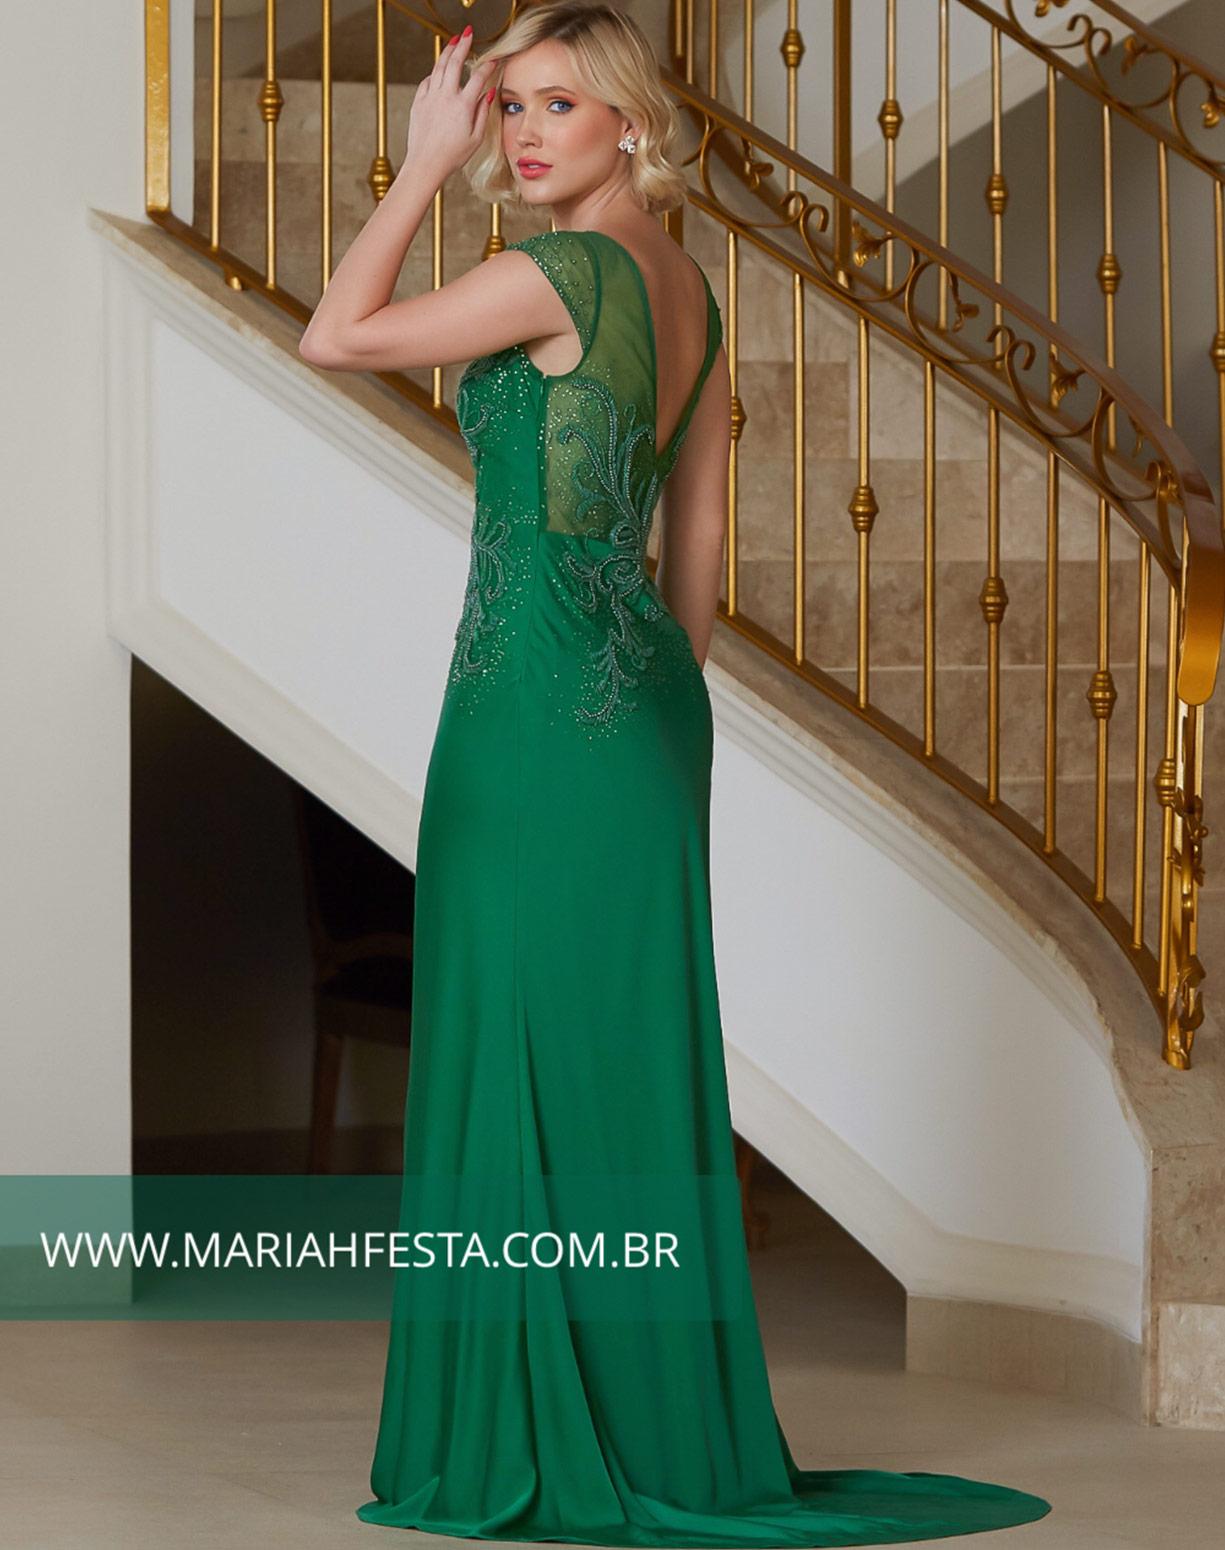 Vestido Verde Bandeira Sereia com Bordados